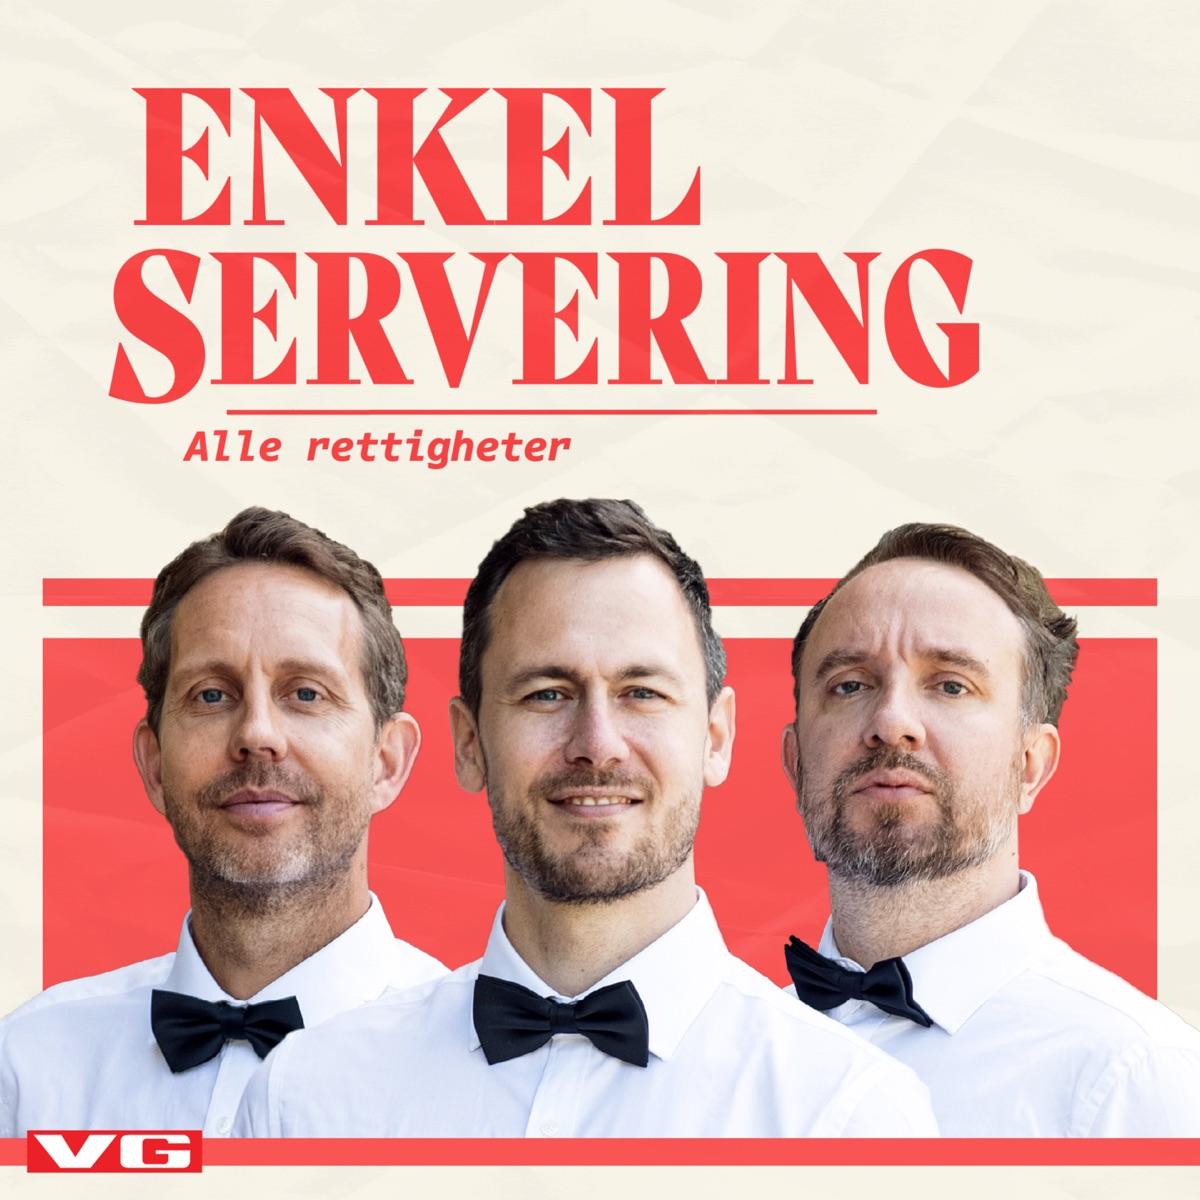 Enkel Servering